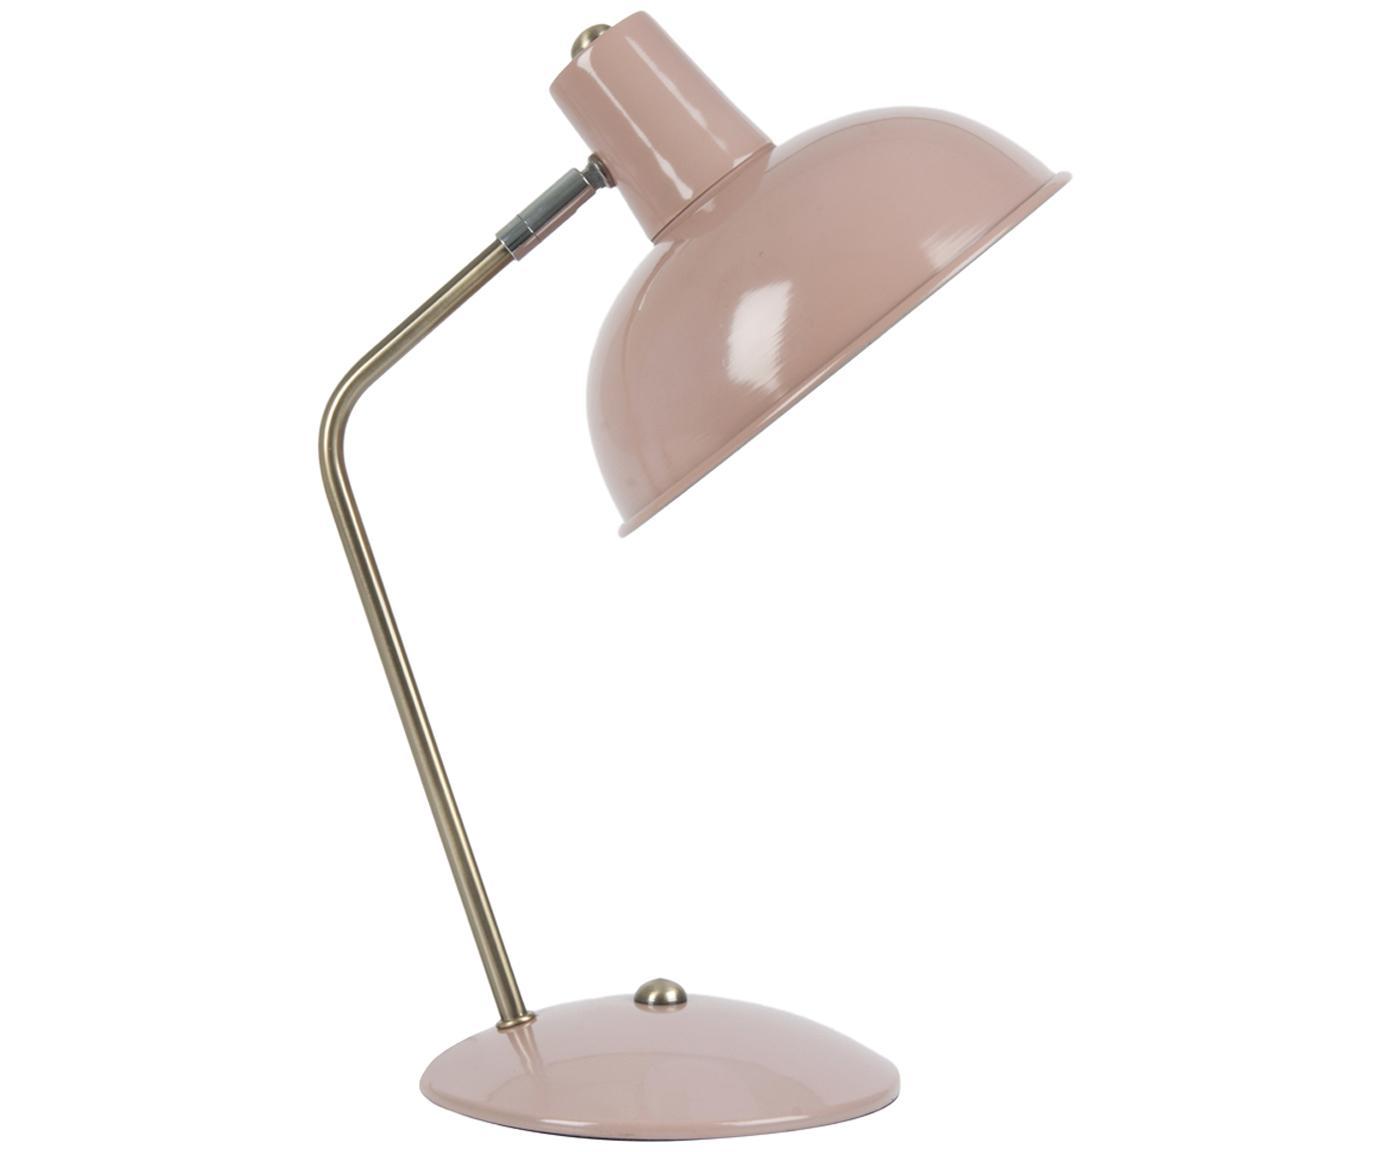 Retro-Schreibtischlampe Hood, Leuchte: Rosa, Messingfarben<br>Lampenschirm innen: Weiß, 20 x 38 cm